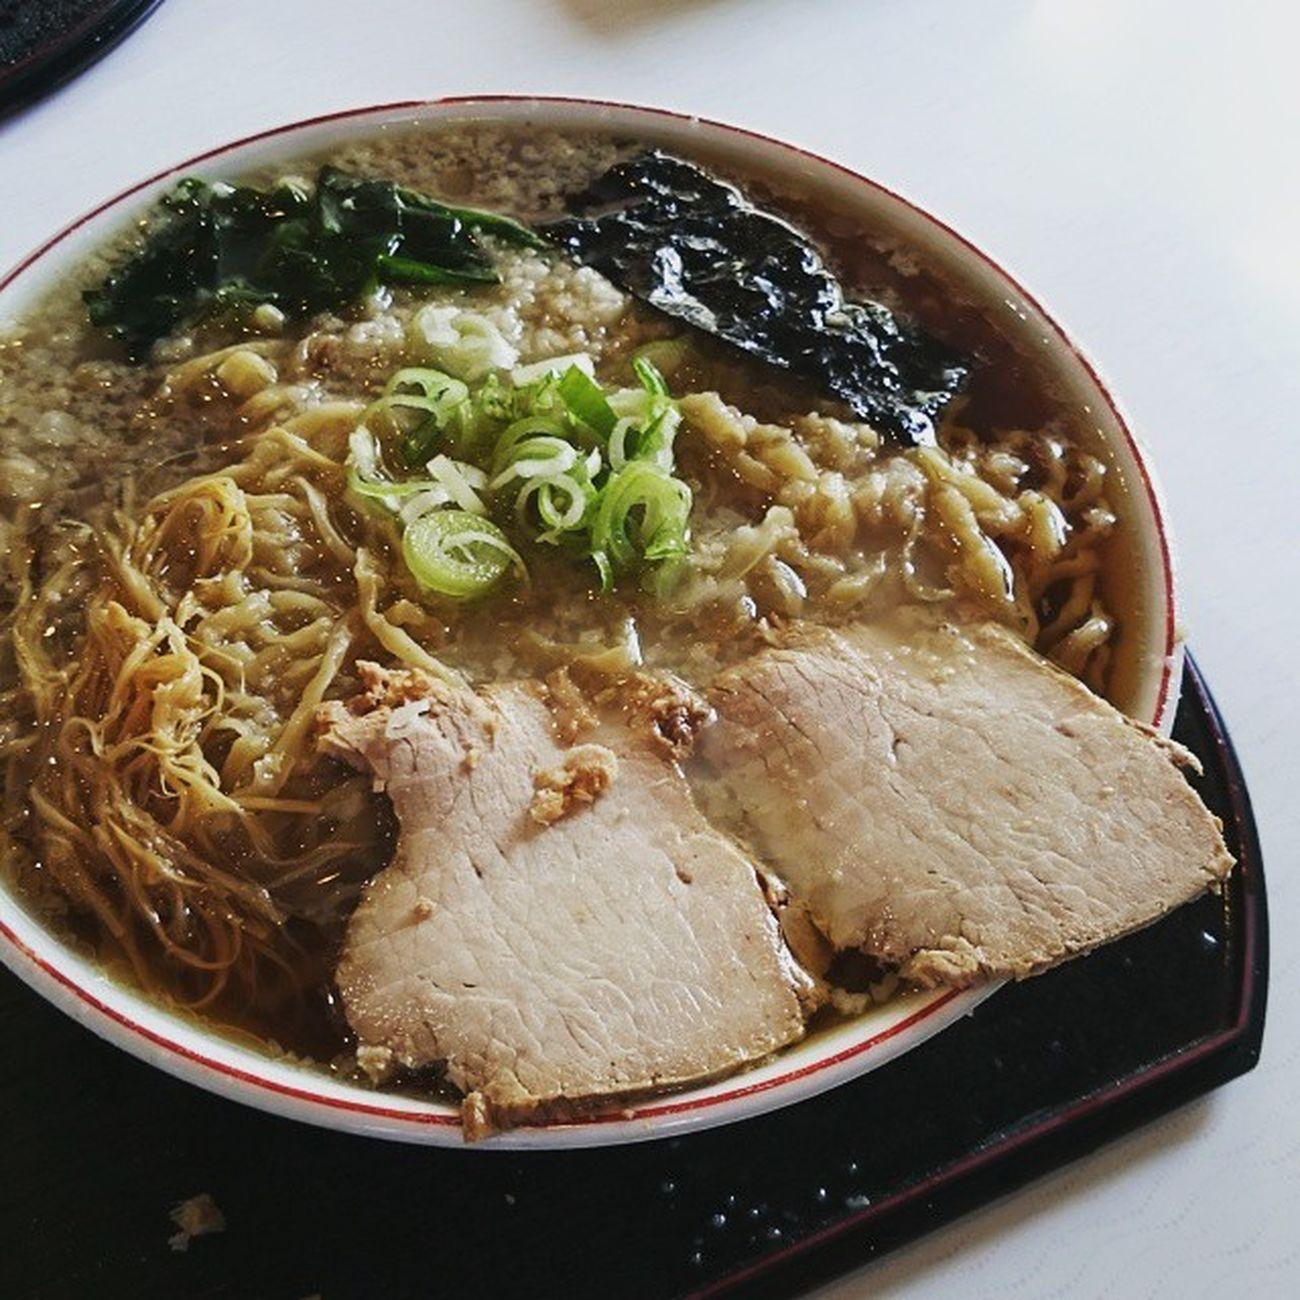 今日のランチ。鶴岡の「鈴木そば」さんで、「こてっすず」中盛。かなりガツンとくる味。